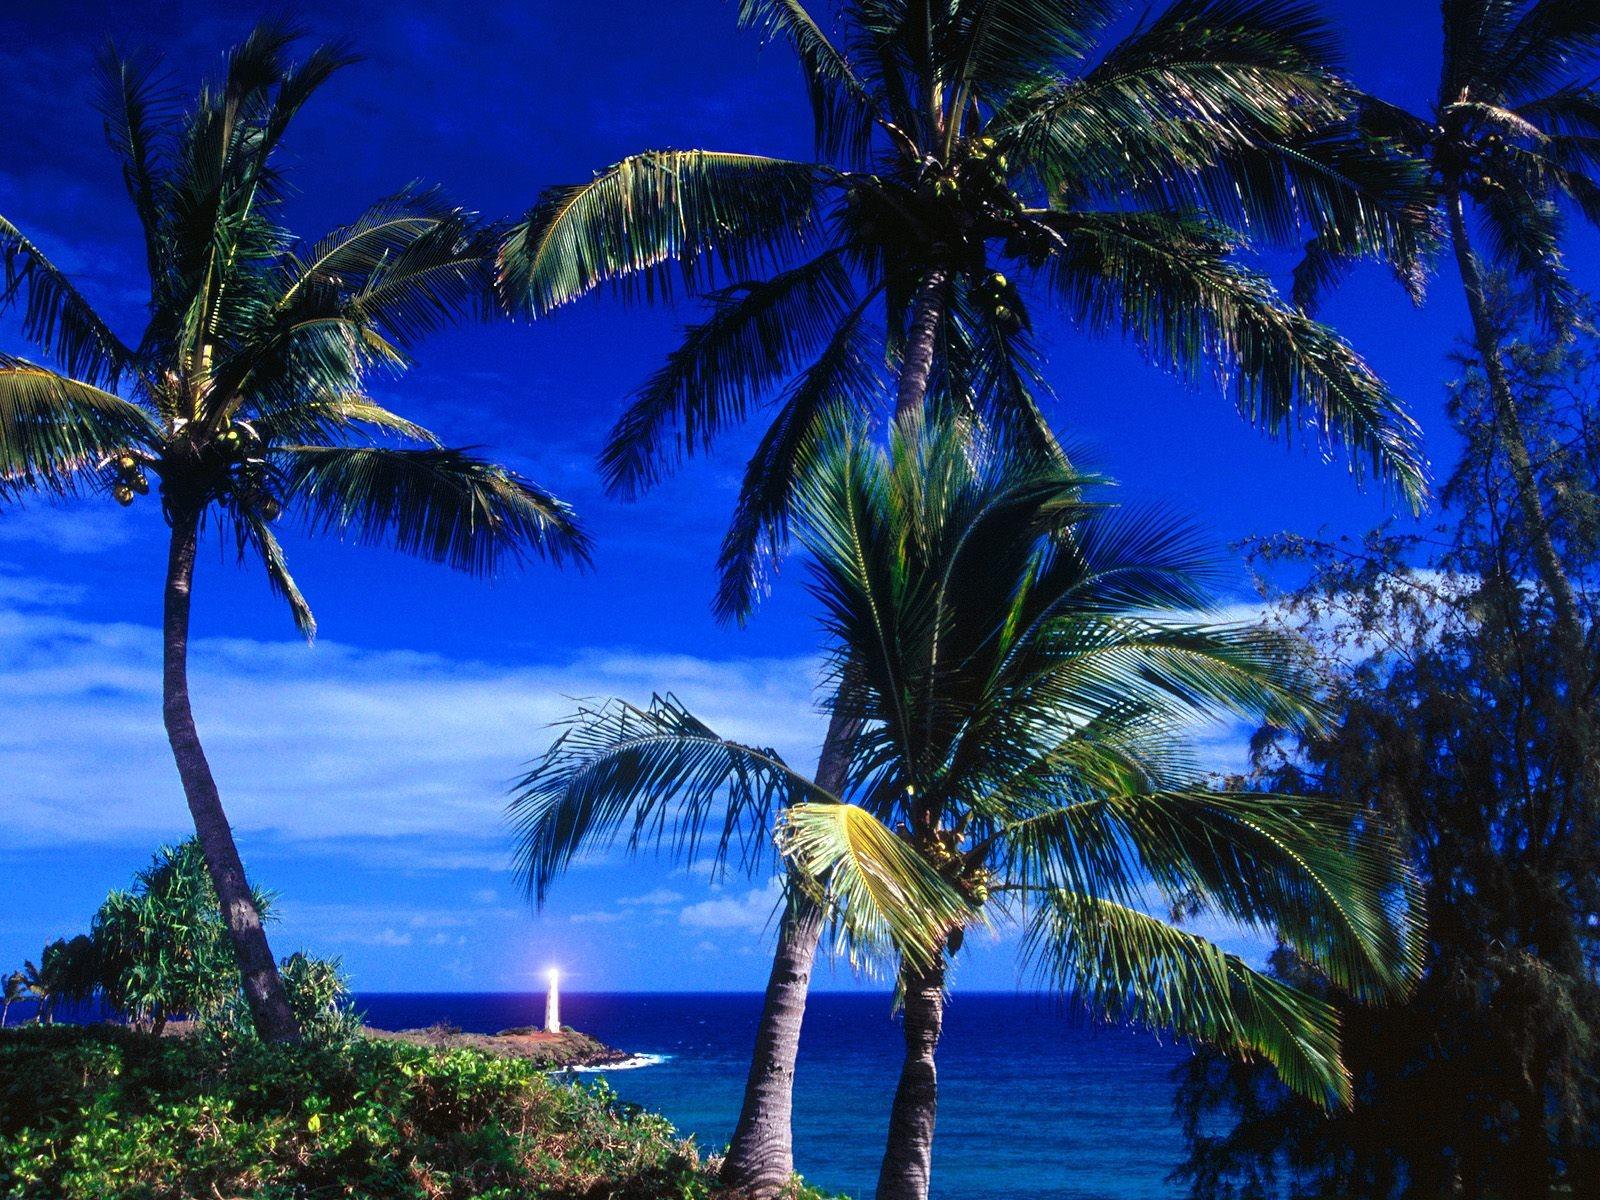 отбасы?ызды? фотографии на рабочий экран пальмы фрезы